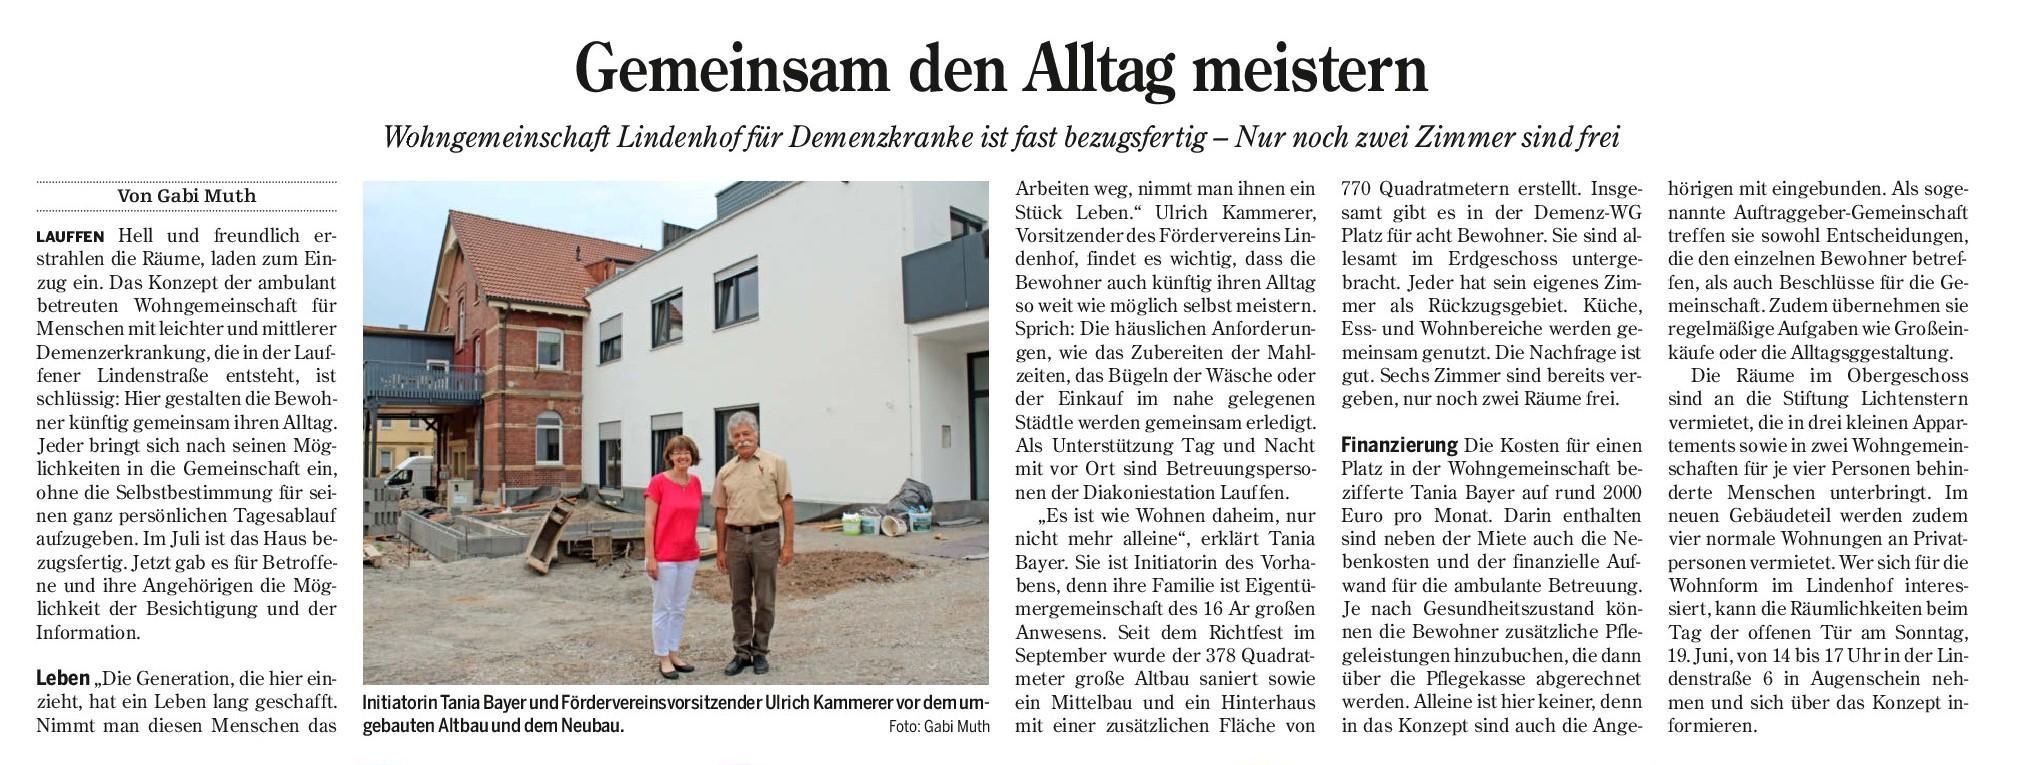 2016-06-01_Gemeinsam den Altag meistern